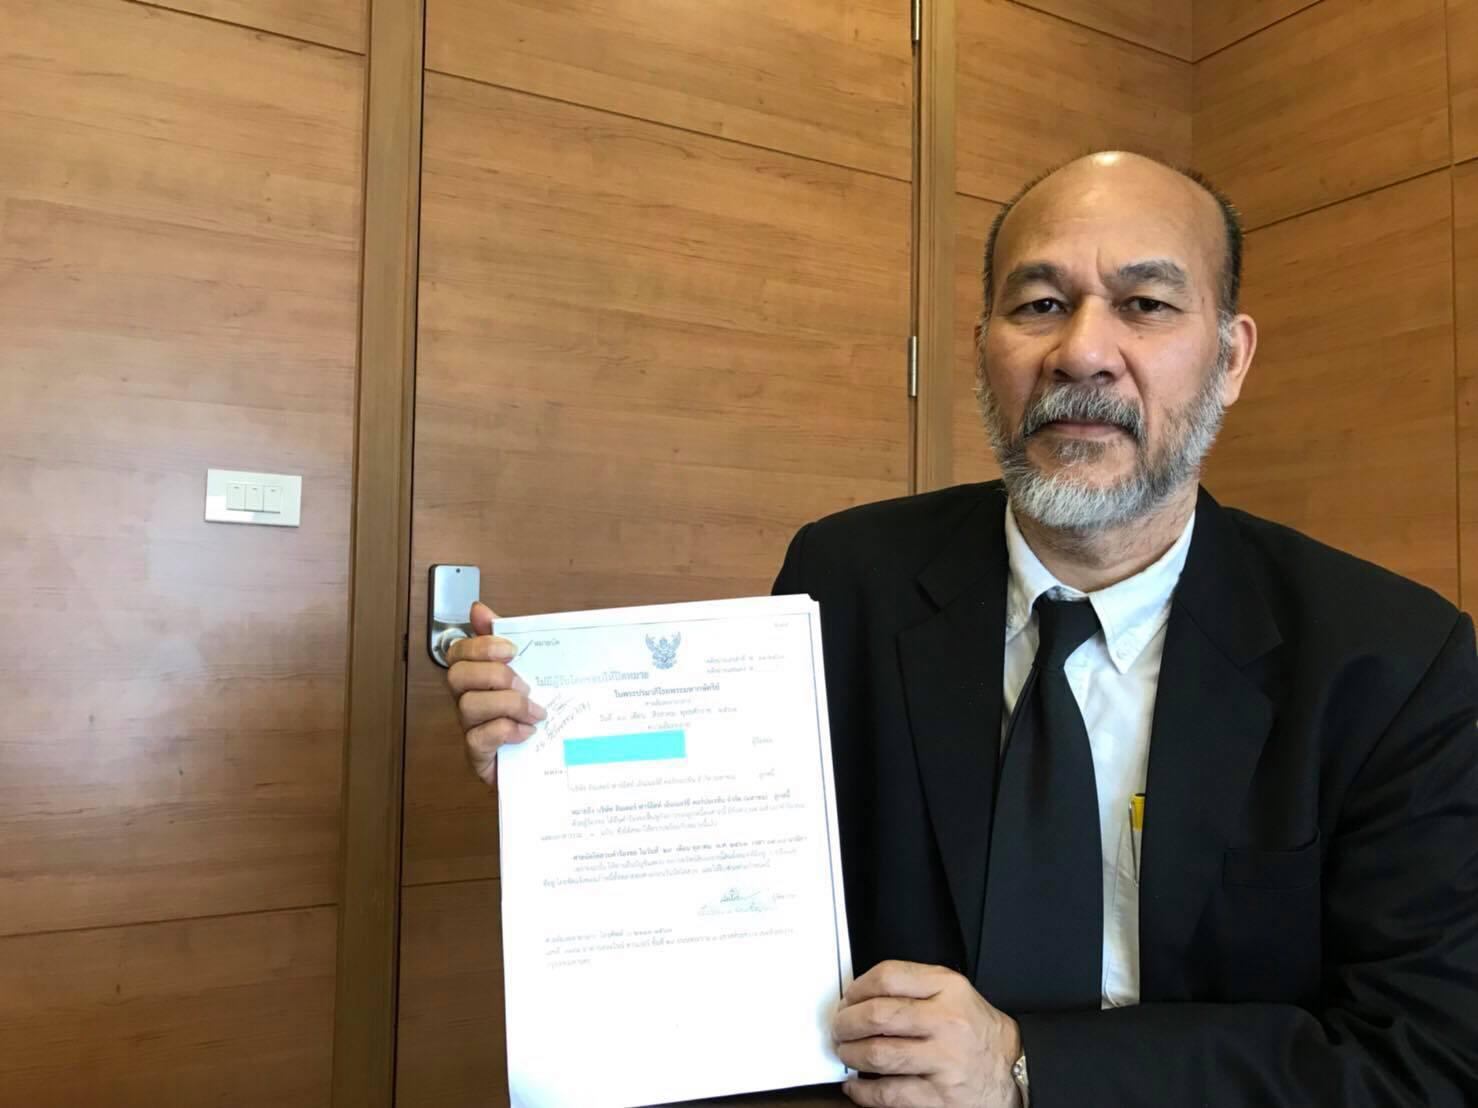 เจ้าหนี้ร้องศาลขอ IFEC เข้าแผนฟื้นฟูฯ กันผู้ถือหุ้นสูญเงิน